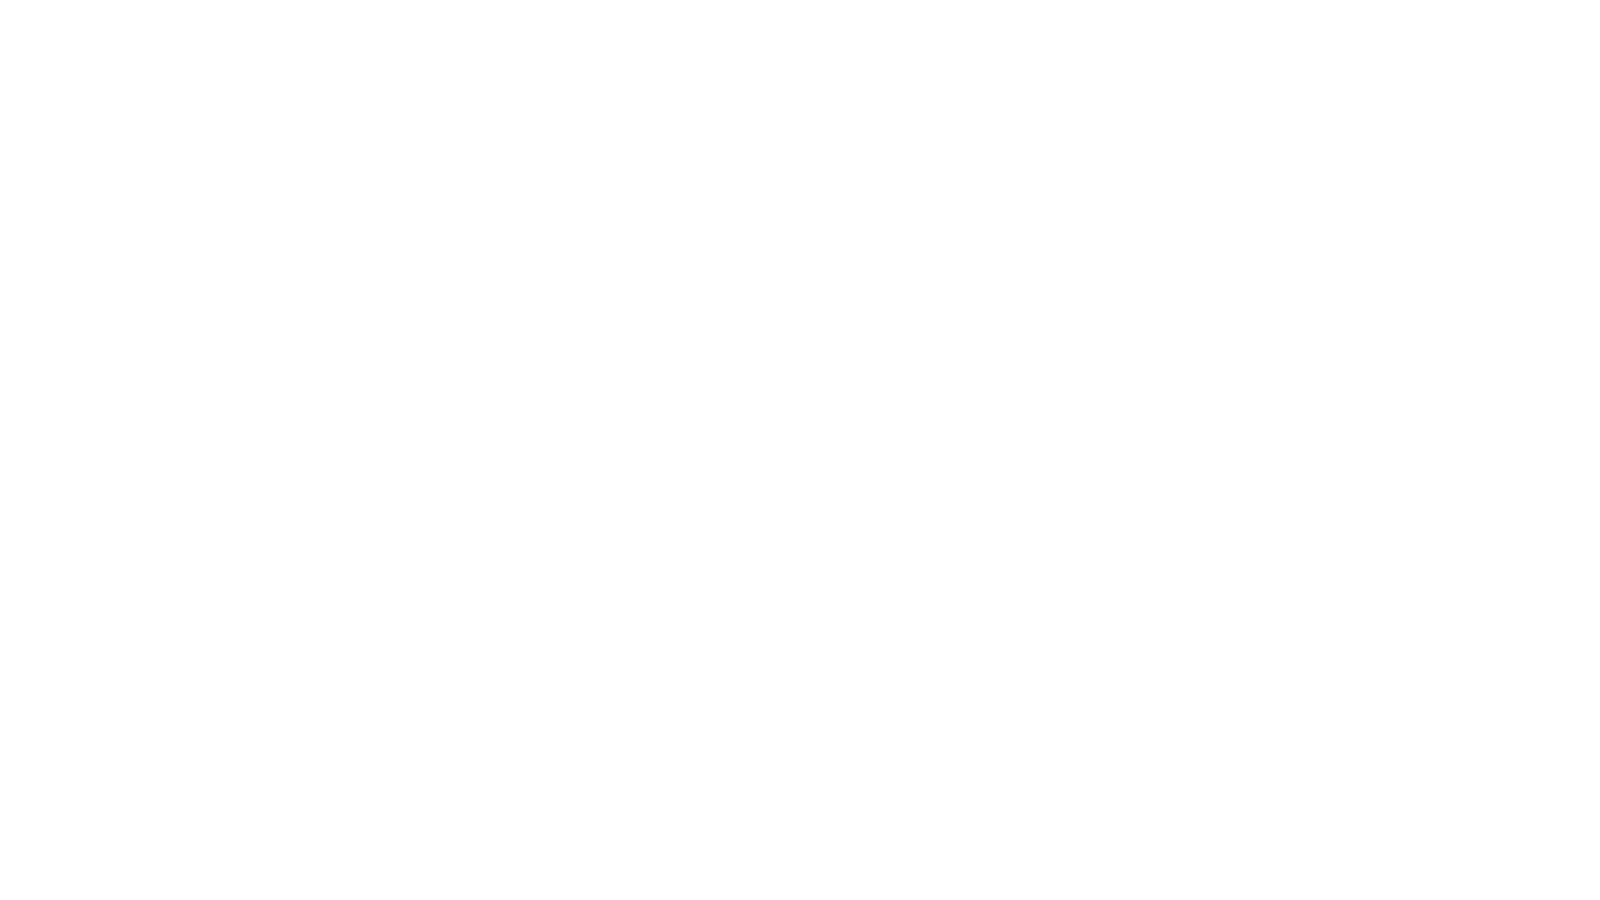 SEO-аудит сайта. Тематика: Отдых в Андорре. Проверка сайта на SEO-ошибки. Заказать аудит сайта Вы можете на сайте: https://trigub.ru ✍ SEO-аудит сайта в 📺 видео-формате проводит Александр Тригуб - 💼 Консультант по разработке, внедрению и оптимизации Digital-стратегий с опытом в интернет-маркетинге более 10 лет. Только в портфолио уже более 700 видео-аудитов! ___ 👉 Подписывайтесь на мой канал по продвижению бизнеса (SEO, SMM, реклама): https://www.youtube.com/user/AleksandrTrigub?sub_confirmation=1 ___ Мои страницы в социальных сетях: Instagram: https://www.instagram.com/digitalmarketolog Facebook: https://www.facebook.com/AleksandrTrigub ВКонтакте: https://vk.com/a_trigub Мой сайт: https://trigub.ru Следите за новыми видео, комментируйте и делитесь с друзьями! Мой канал: https://www.youtube.com/user/AleksandrTrigub?sub_confirmation=1 Плейлист Аудит сайтов: https://www.youtube.com/watch?v=FCKkAtc7Tdk&list=PLkKKODbyDZB9ouZsrokwoZHvn1aW2869E ___ 👉 Буду рад видеть Вас на моем авторском курсе по SEO. Программа обучения разработана специально для предпринимателей, желающих продвигать свой бизнес самостоятельно или тех, кто хочет овладеть новой профессией. Получить информацию по обучению можно на сайте: https://trigub.ru ___ 👉 Ссылка на это видео: https://www.youtube.com/watch?v=JIKw4T2IEXM ___ #АлександрТригуб #аудитсайта #seoаудитсайта #продвижениесайта #оптимизациясайта александр тригуб, seo маркетолог, анализ сайта, аудит сайта, seo аудит сайта, продвижение сайта аудит, поисковый аудит сайта, оптимизация сайта, продвижение сайта, раскрутка сайта, сео аудит бесплатно, аудит сайта цена, примеры seo аудита, обучение seo, курсы seo онлайн, курс по продвижению сайтов